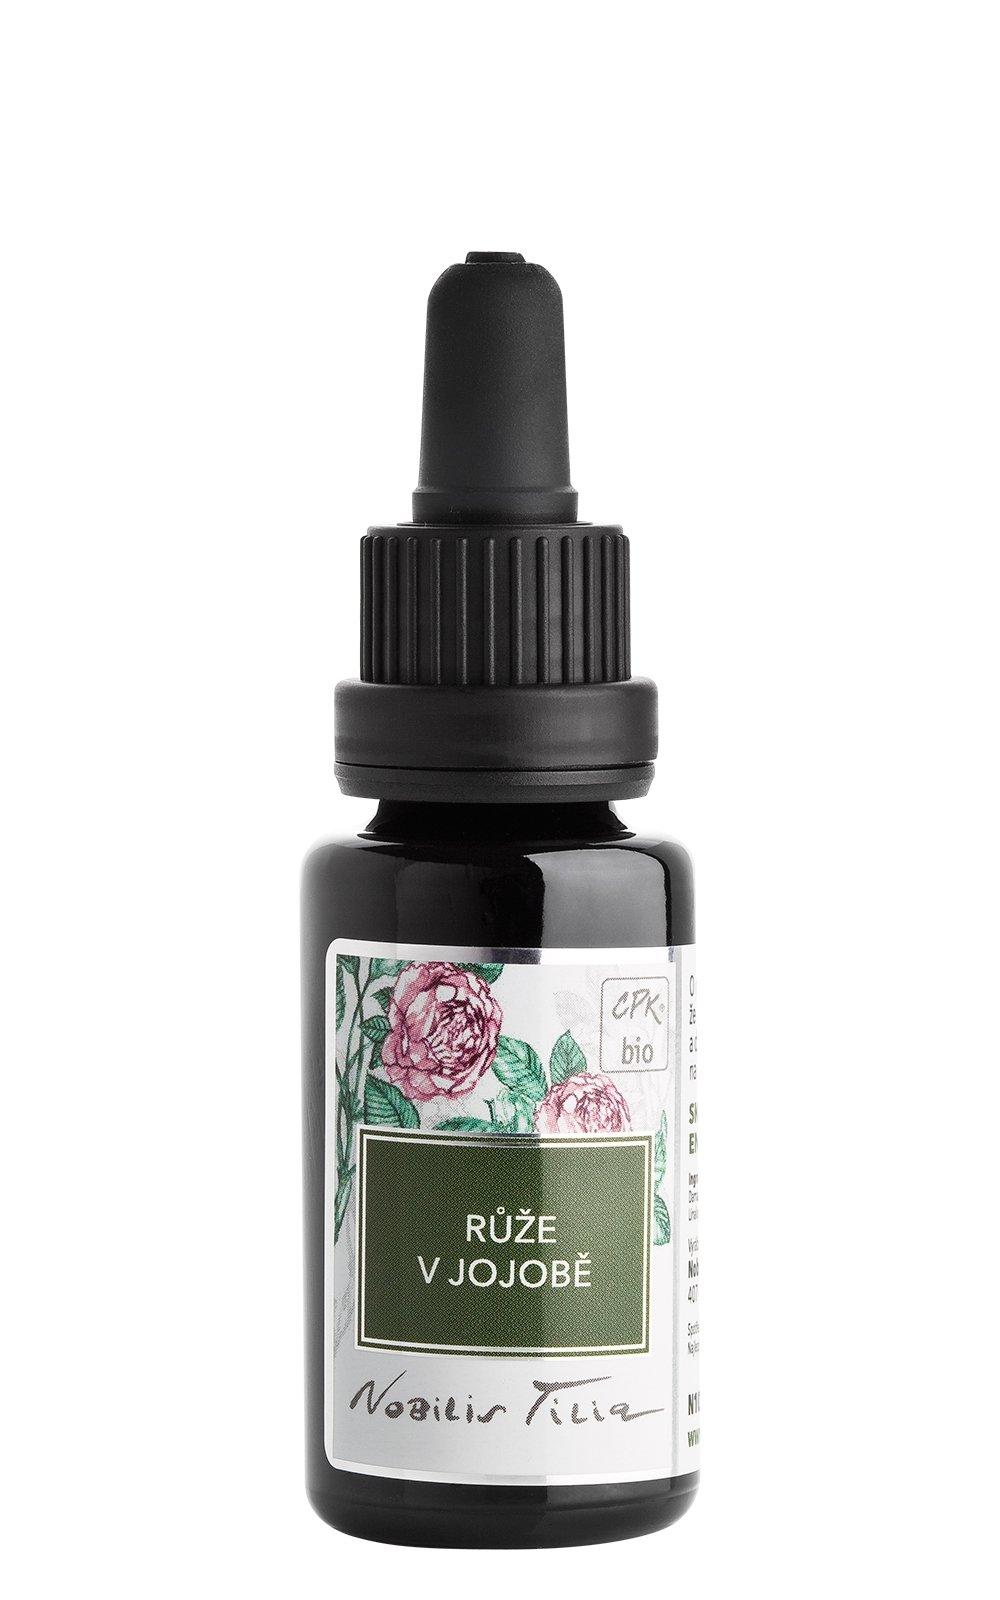 Růže v jojobovém oleji: 20 ml